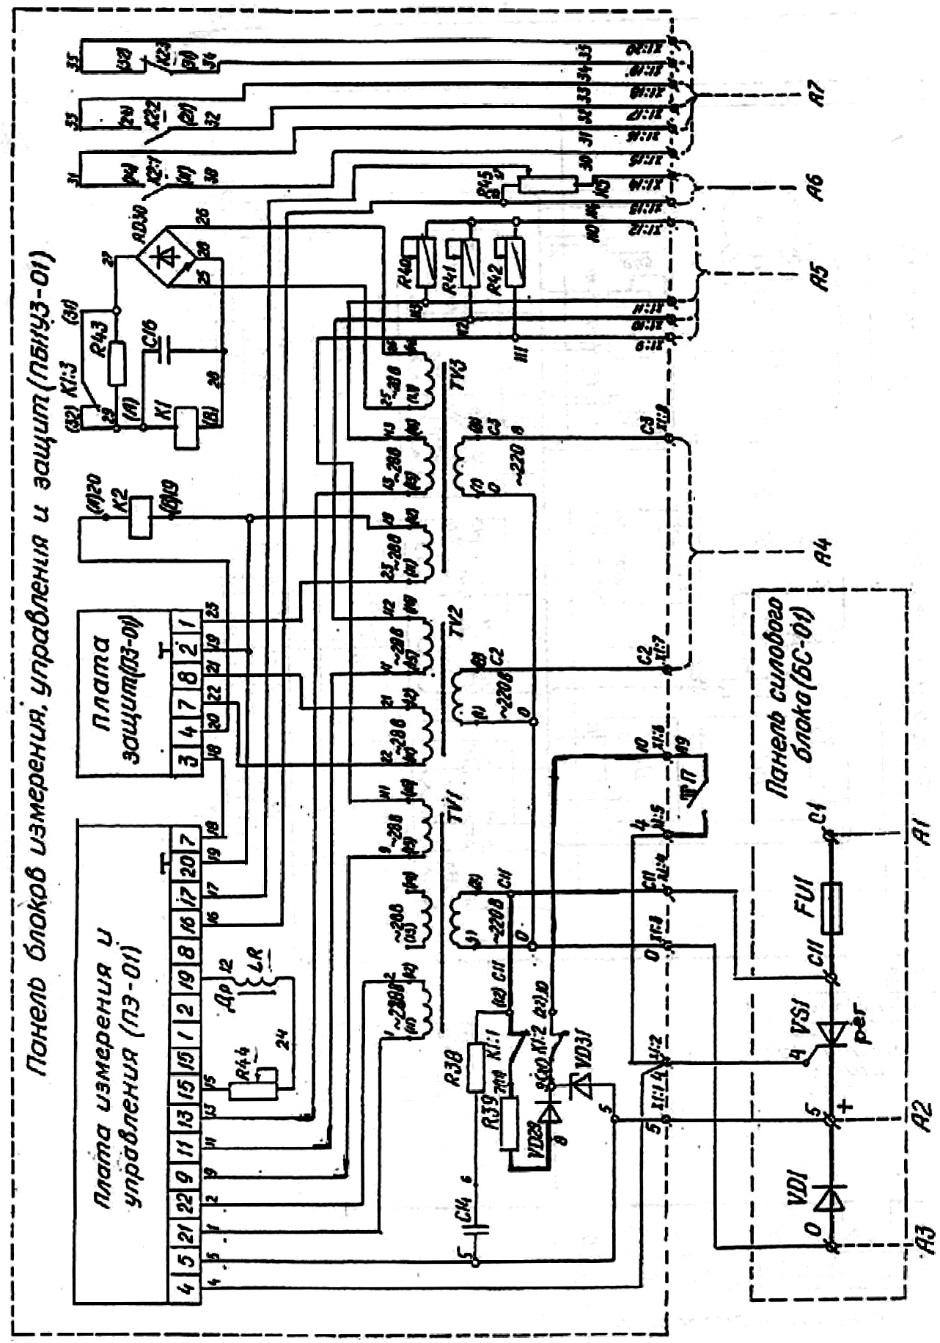 корректор напряжения синхронного генератора схема